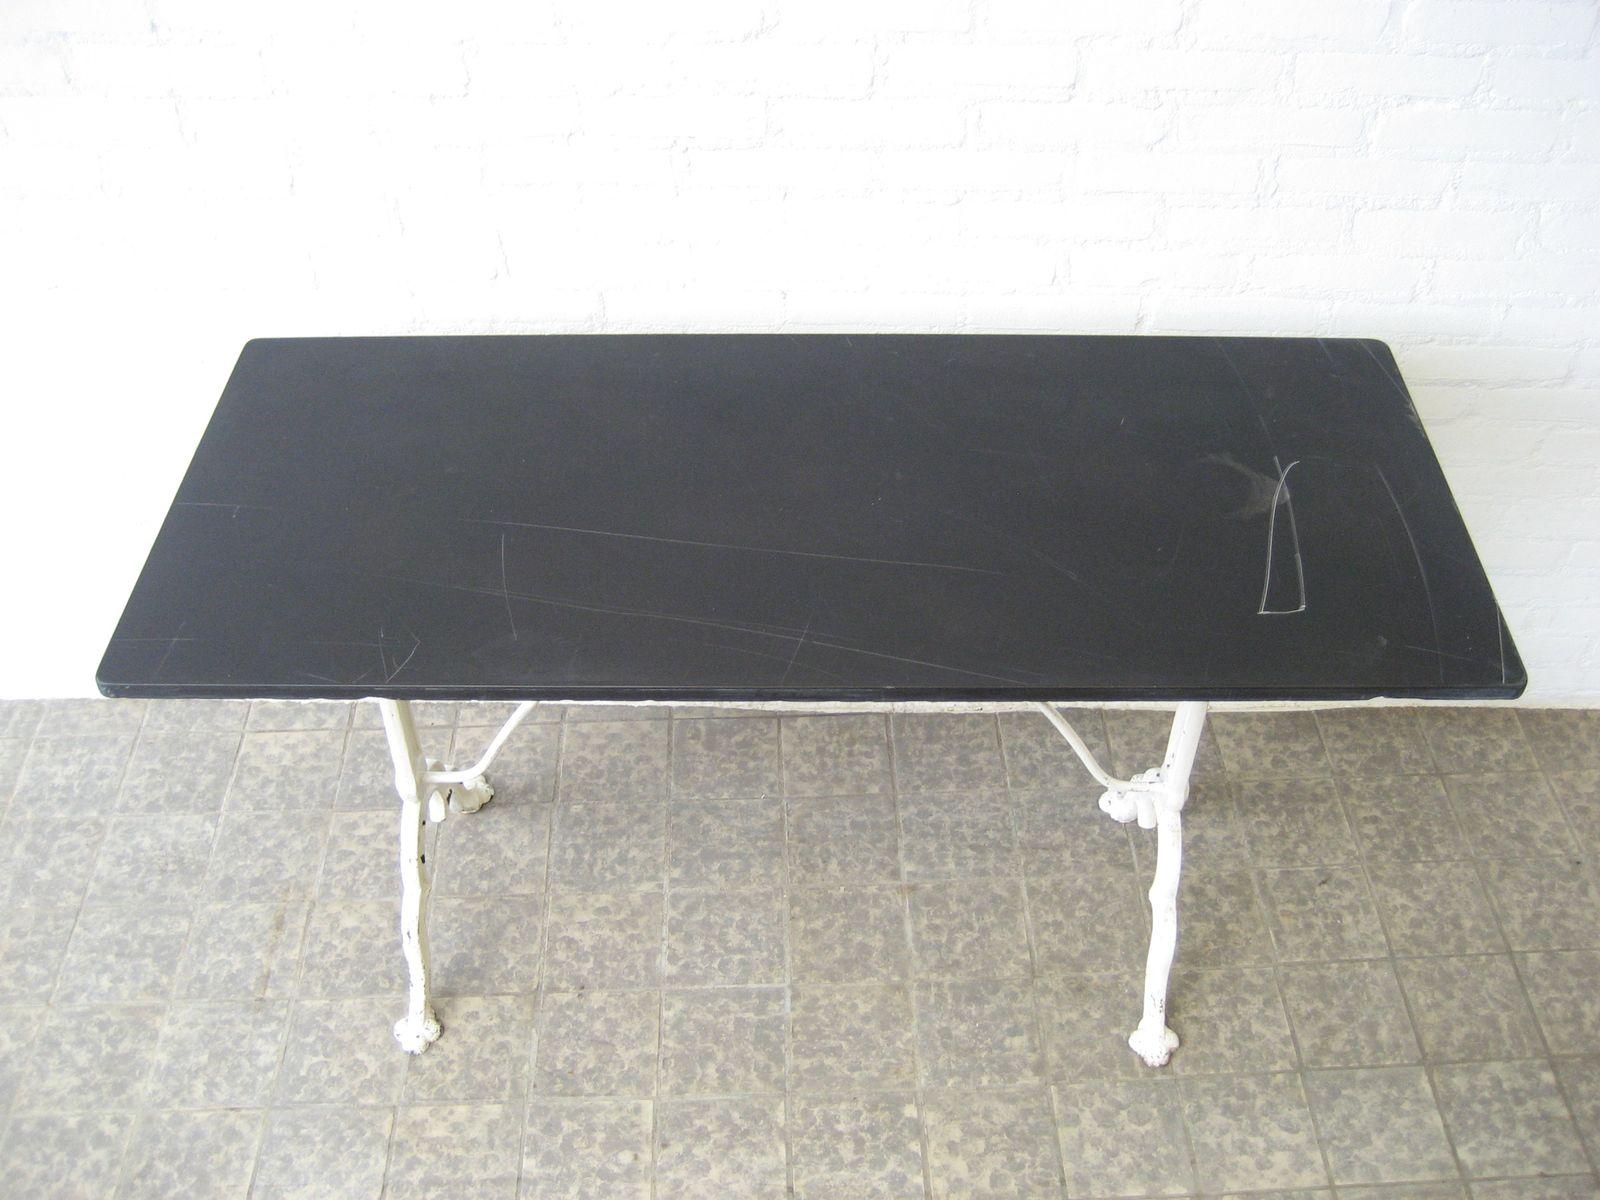 Table de jardin avec plateau en marbre noir de pierre - Table en marbre noir ...